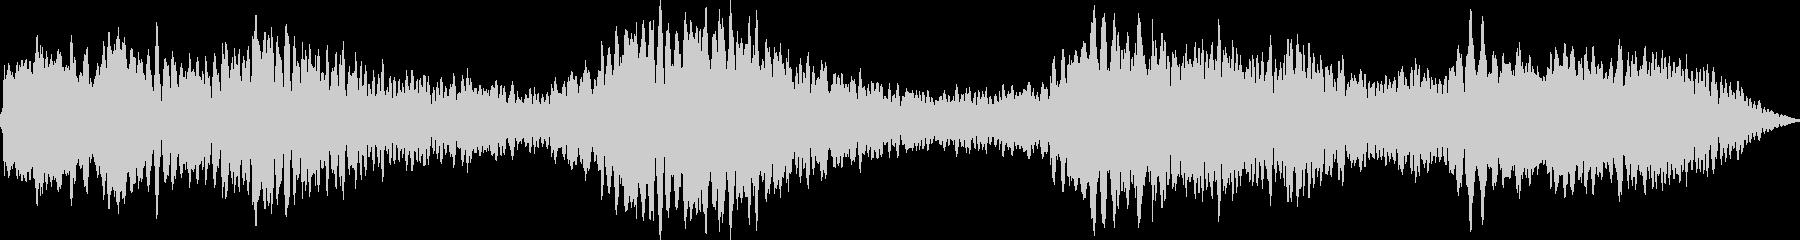 エスニックMS20 1001 ZGの未再生の波形